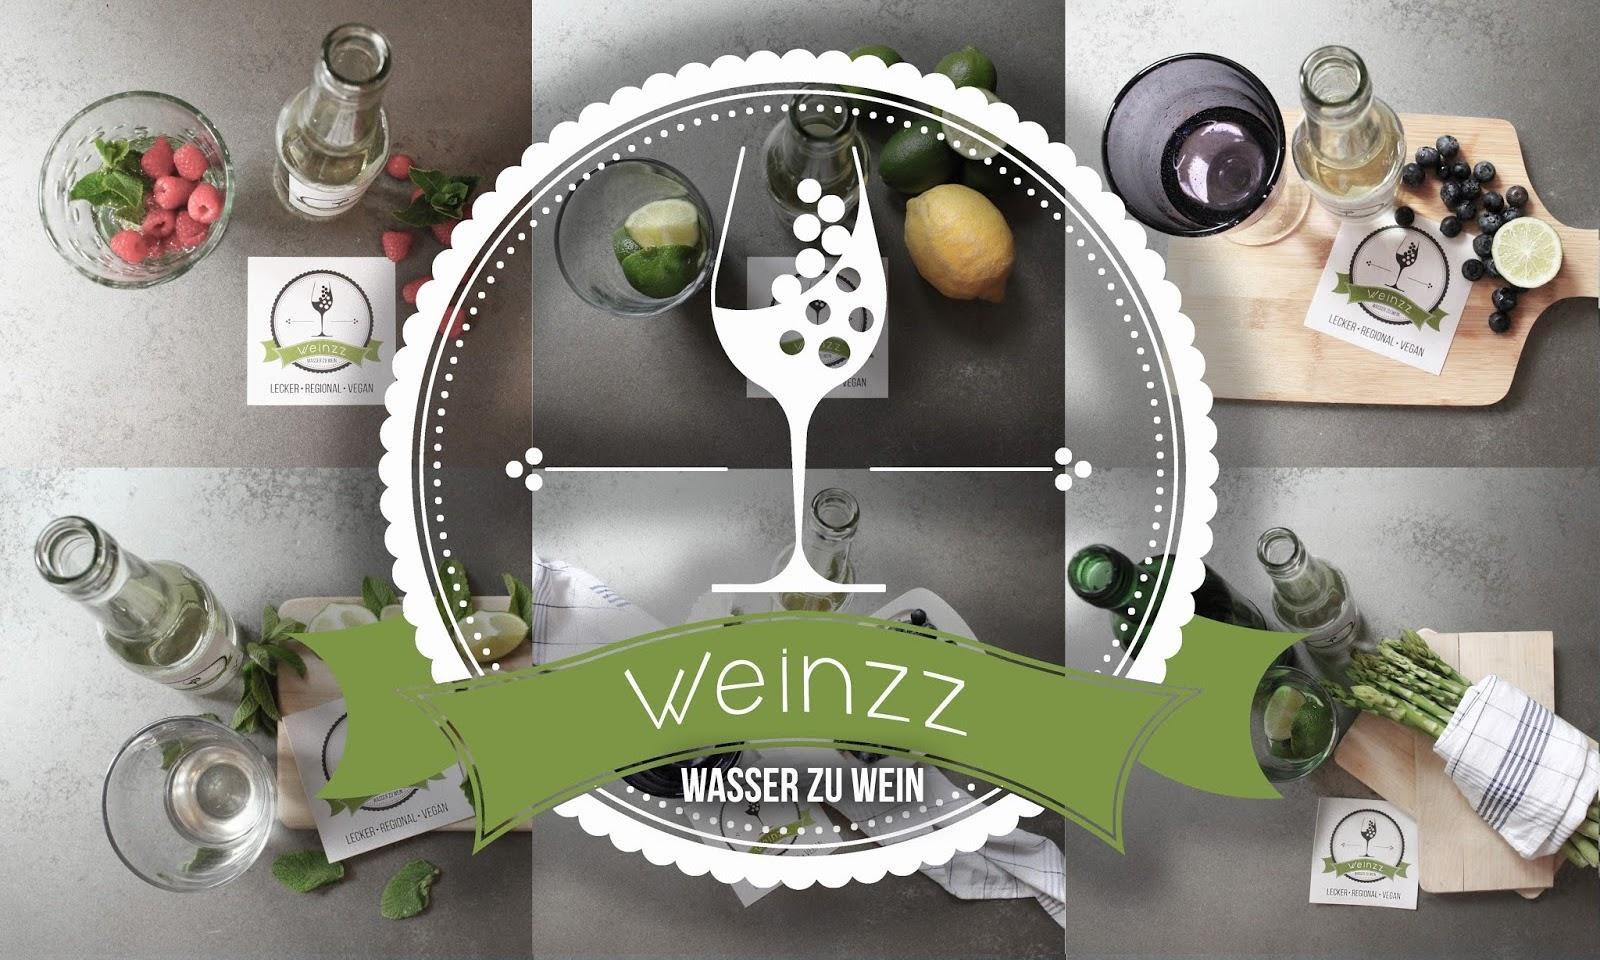 Weinzz